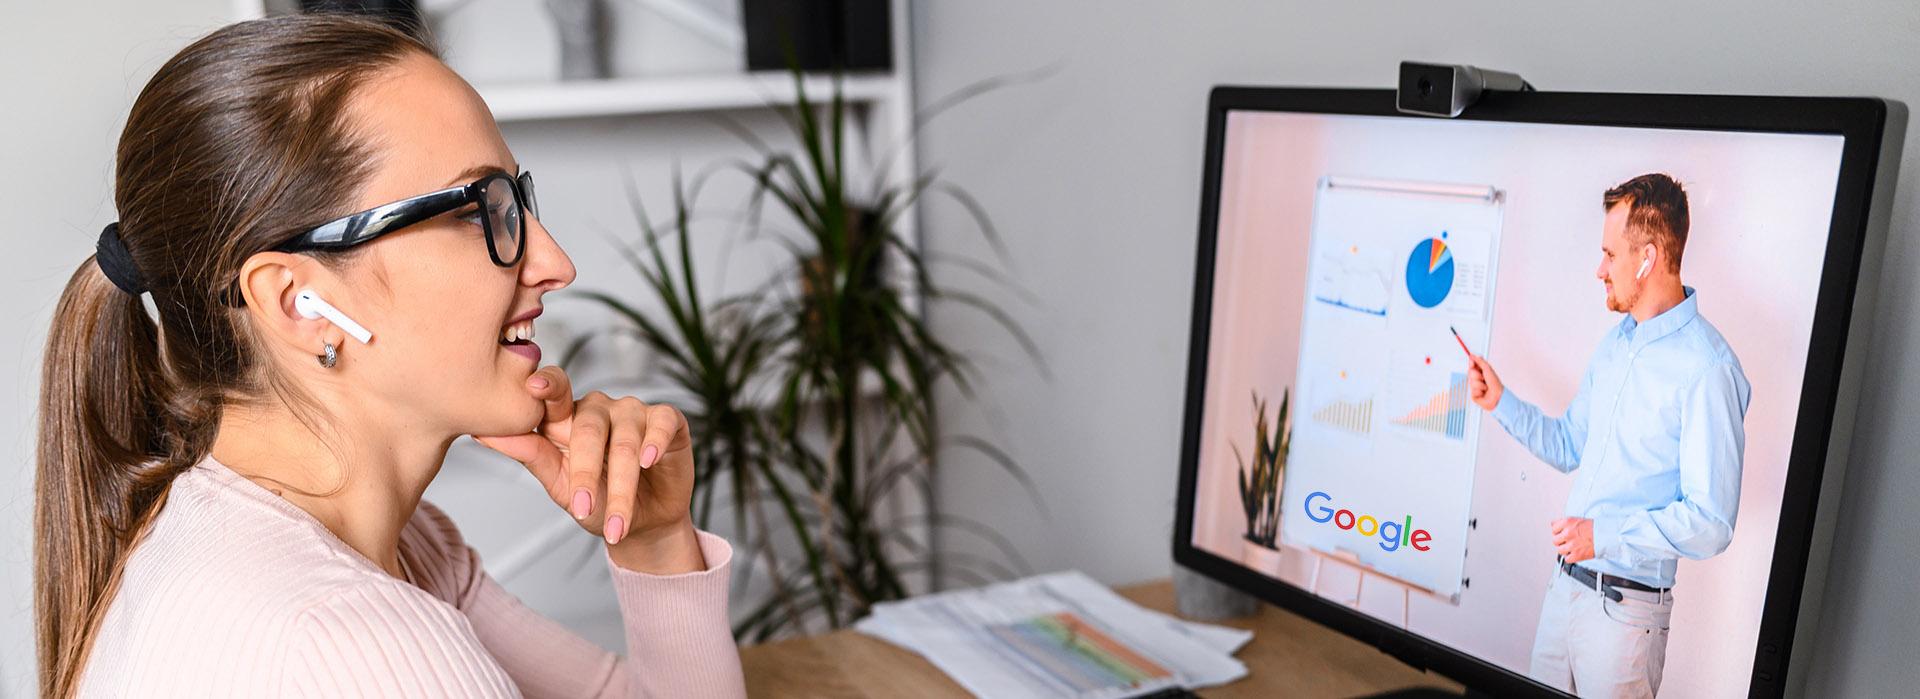 Fevad biedt opleiding met Google aan over cybersecurity||om kleine bedrijven te helpen